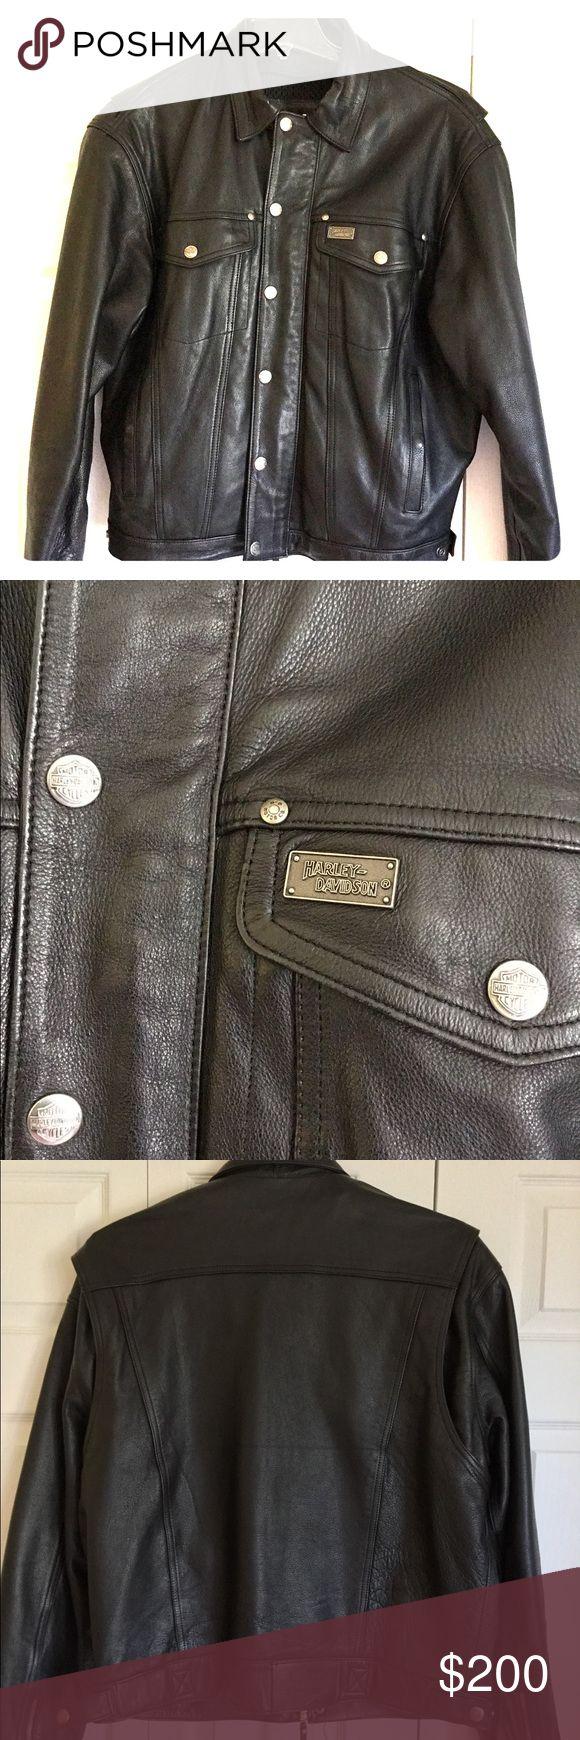 I just added this listing on Poshmark: Genuine Harley Davidson mens leather coat like new. #shopmycloset #poshmark #fashion #shopping #style #forsale #Harley-Davidson #Other